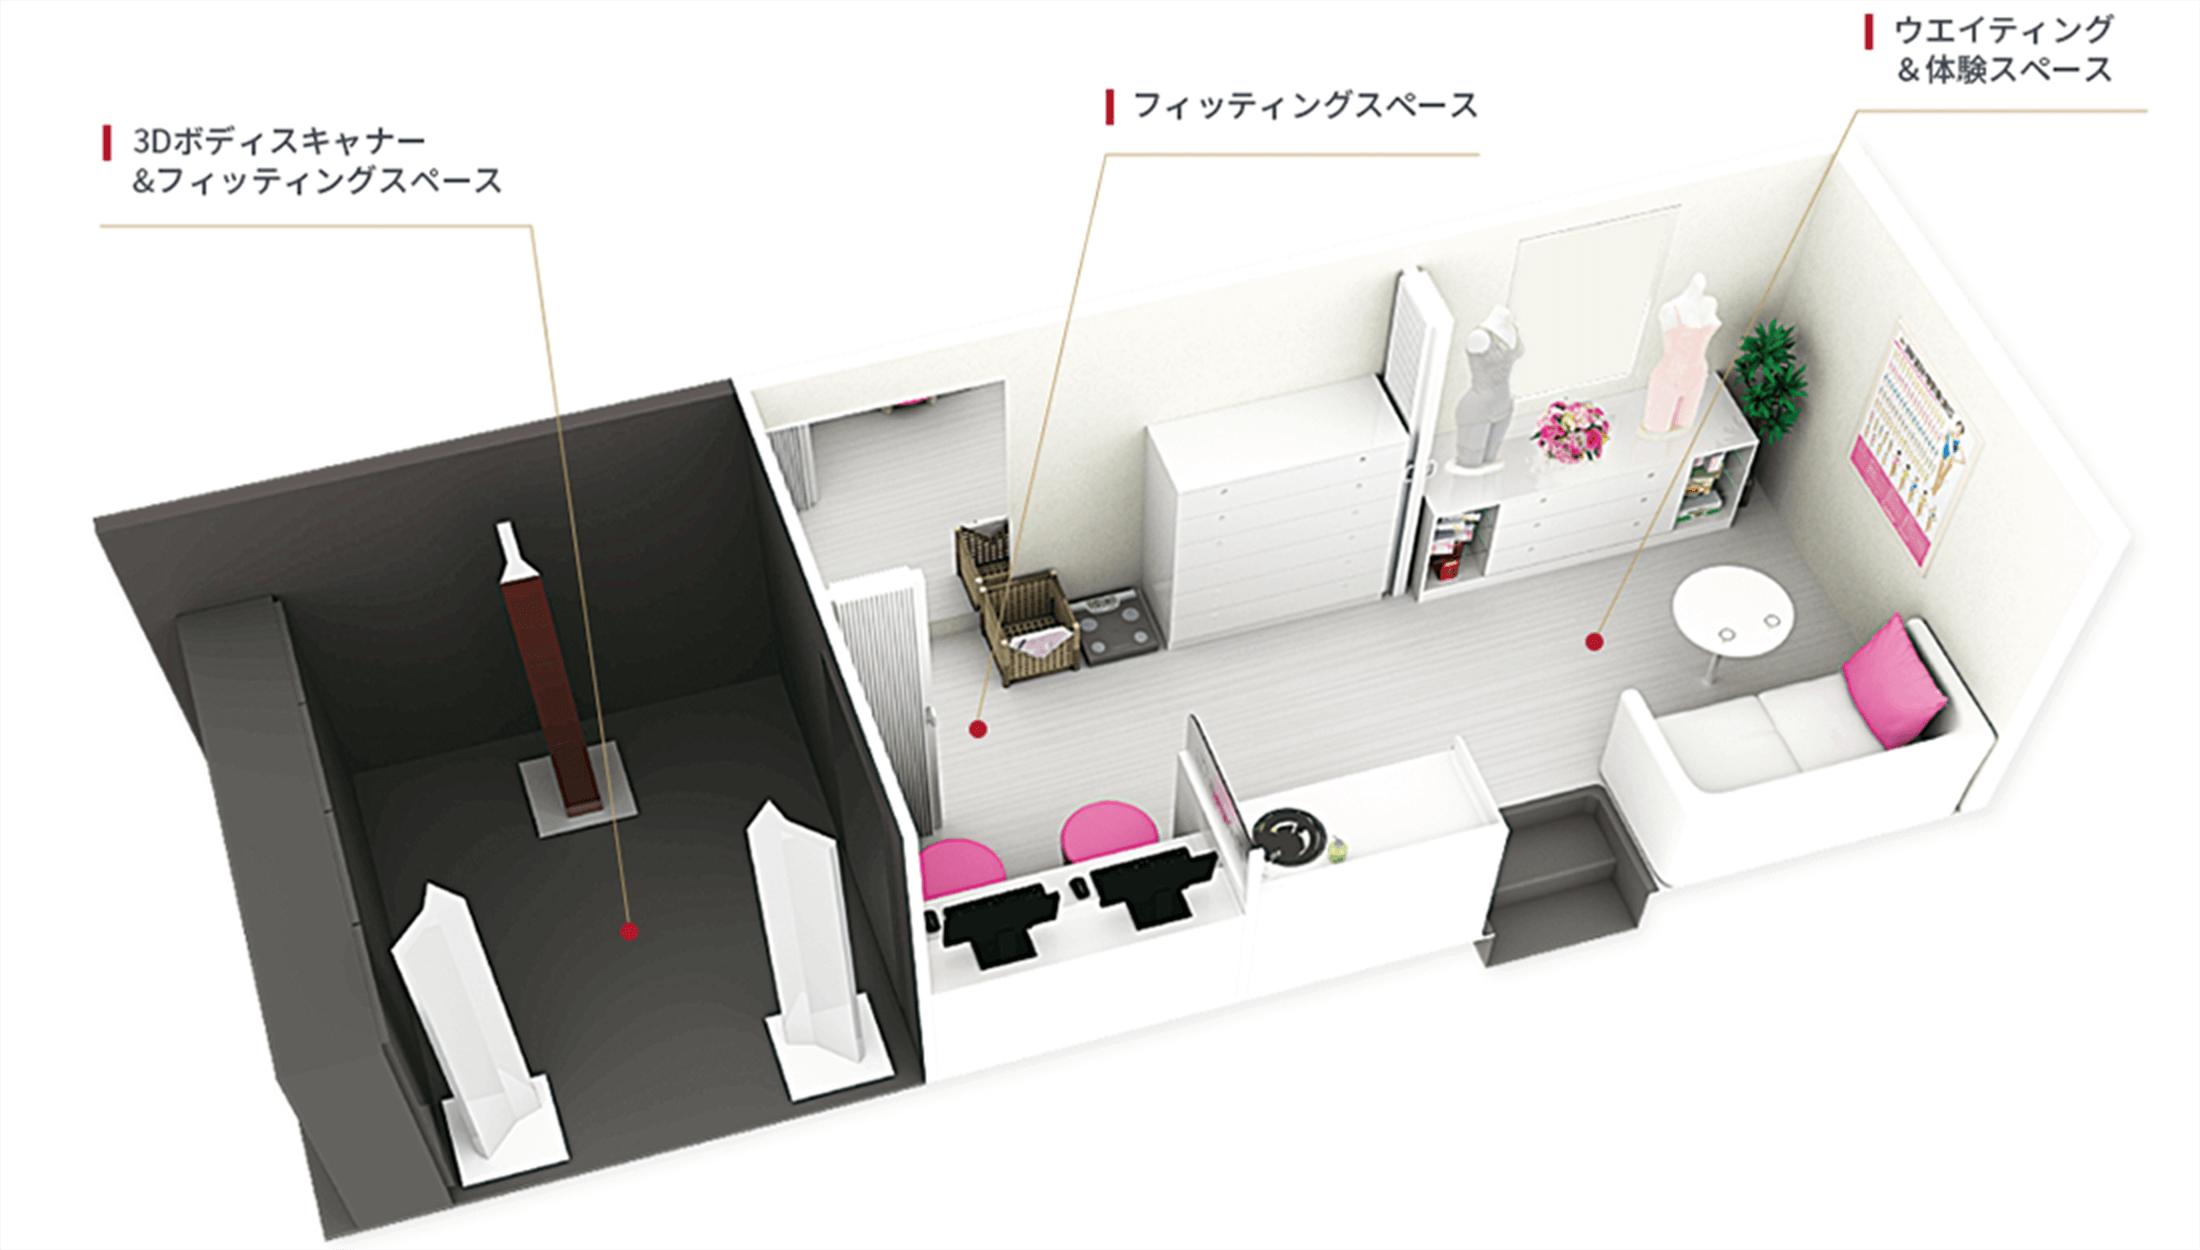 3Dボディスキャナー搭載⾞両 プロポーションライナー